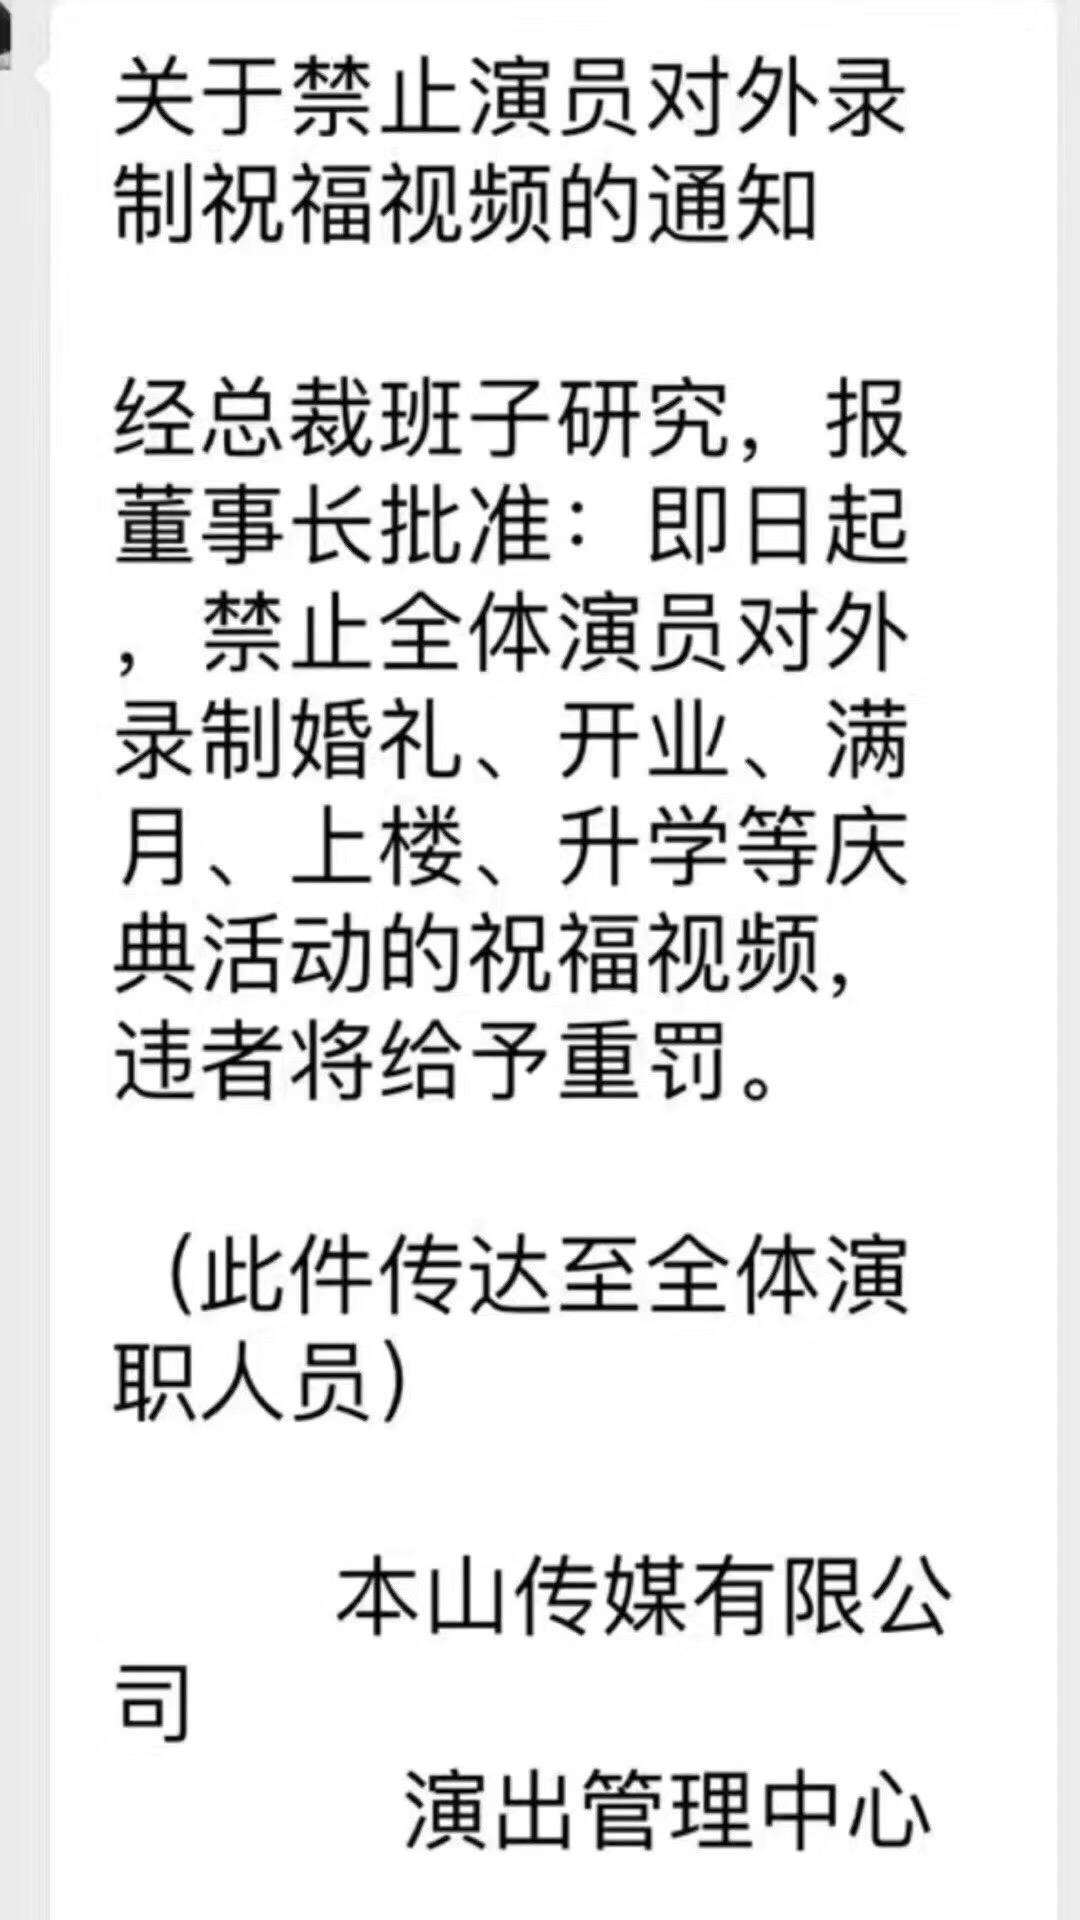 曝本山传媒禁止旗下演员对外录制庆典活动视频[标签:关键词]